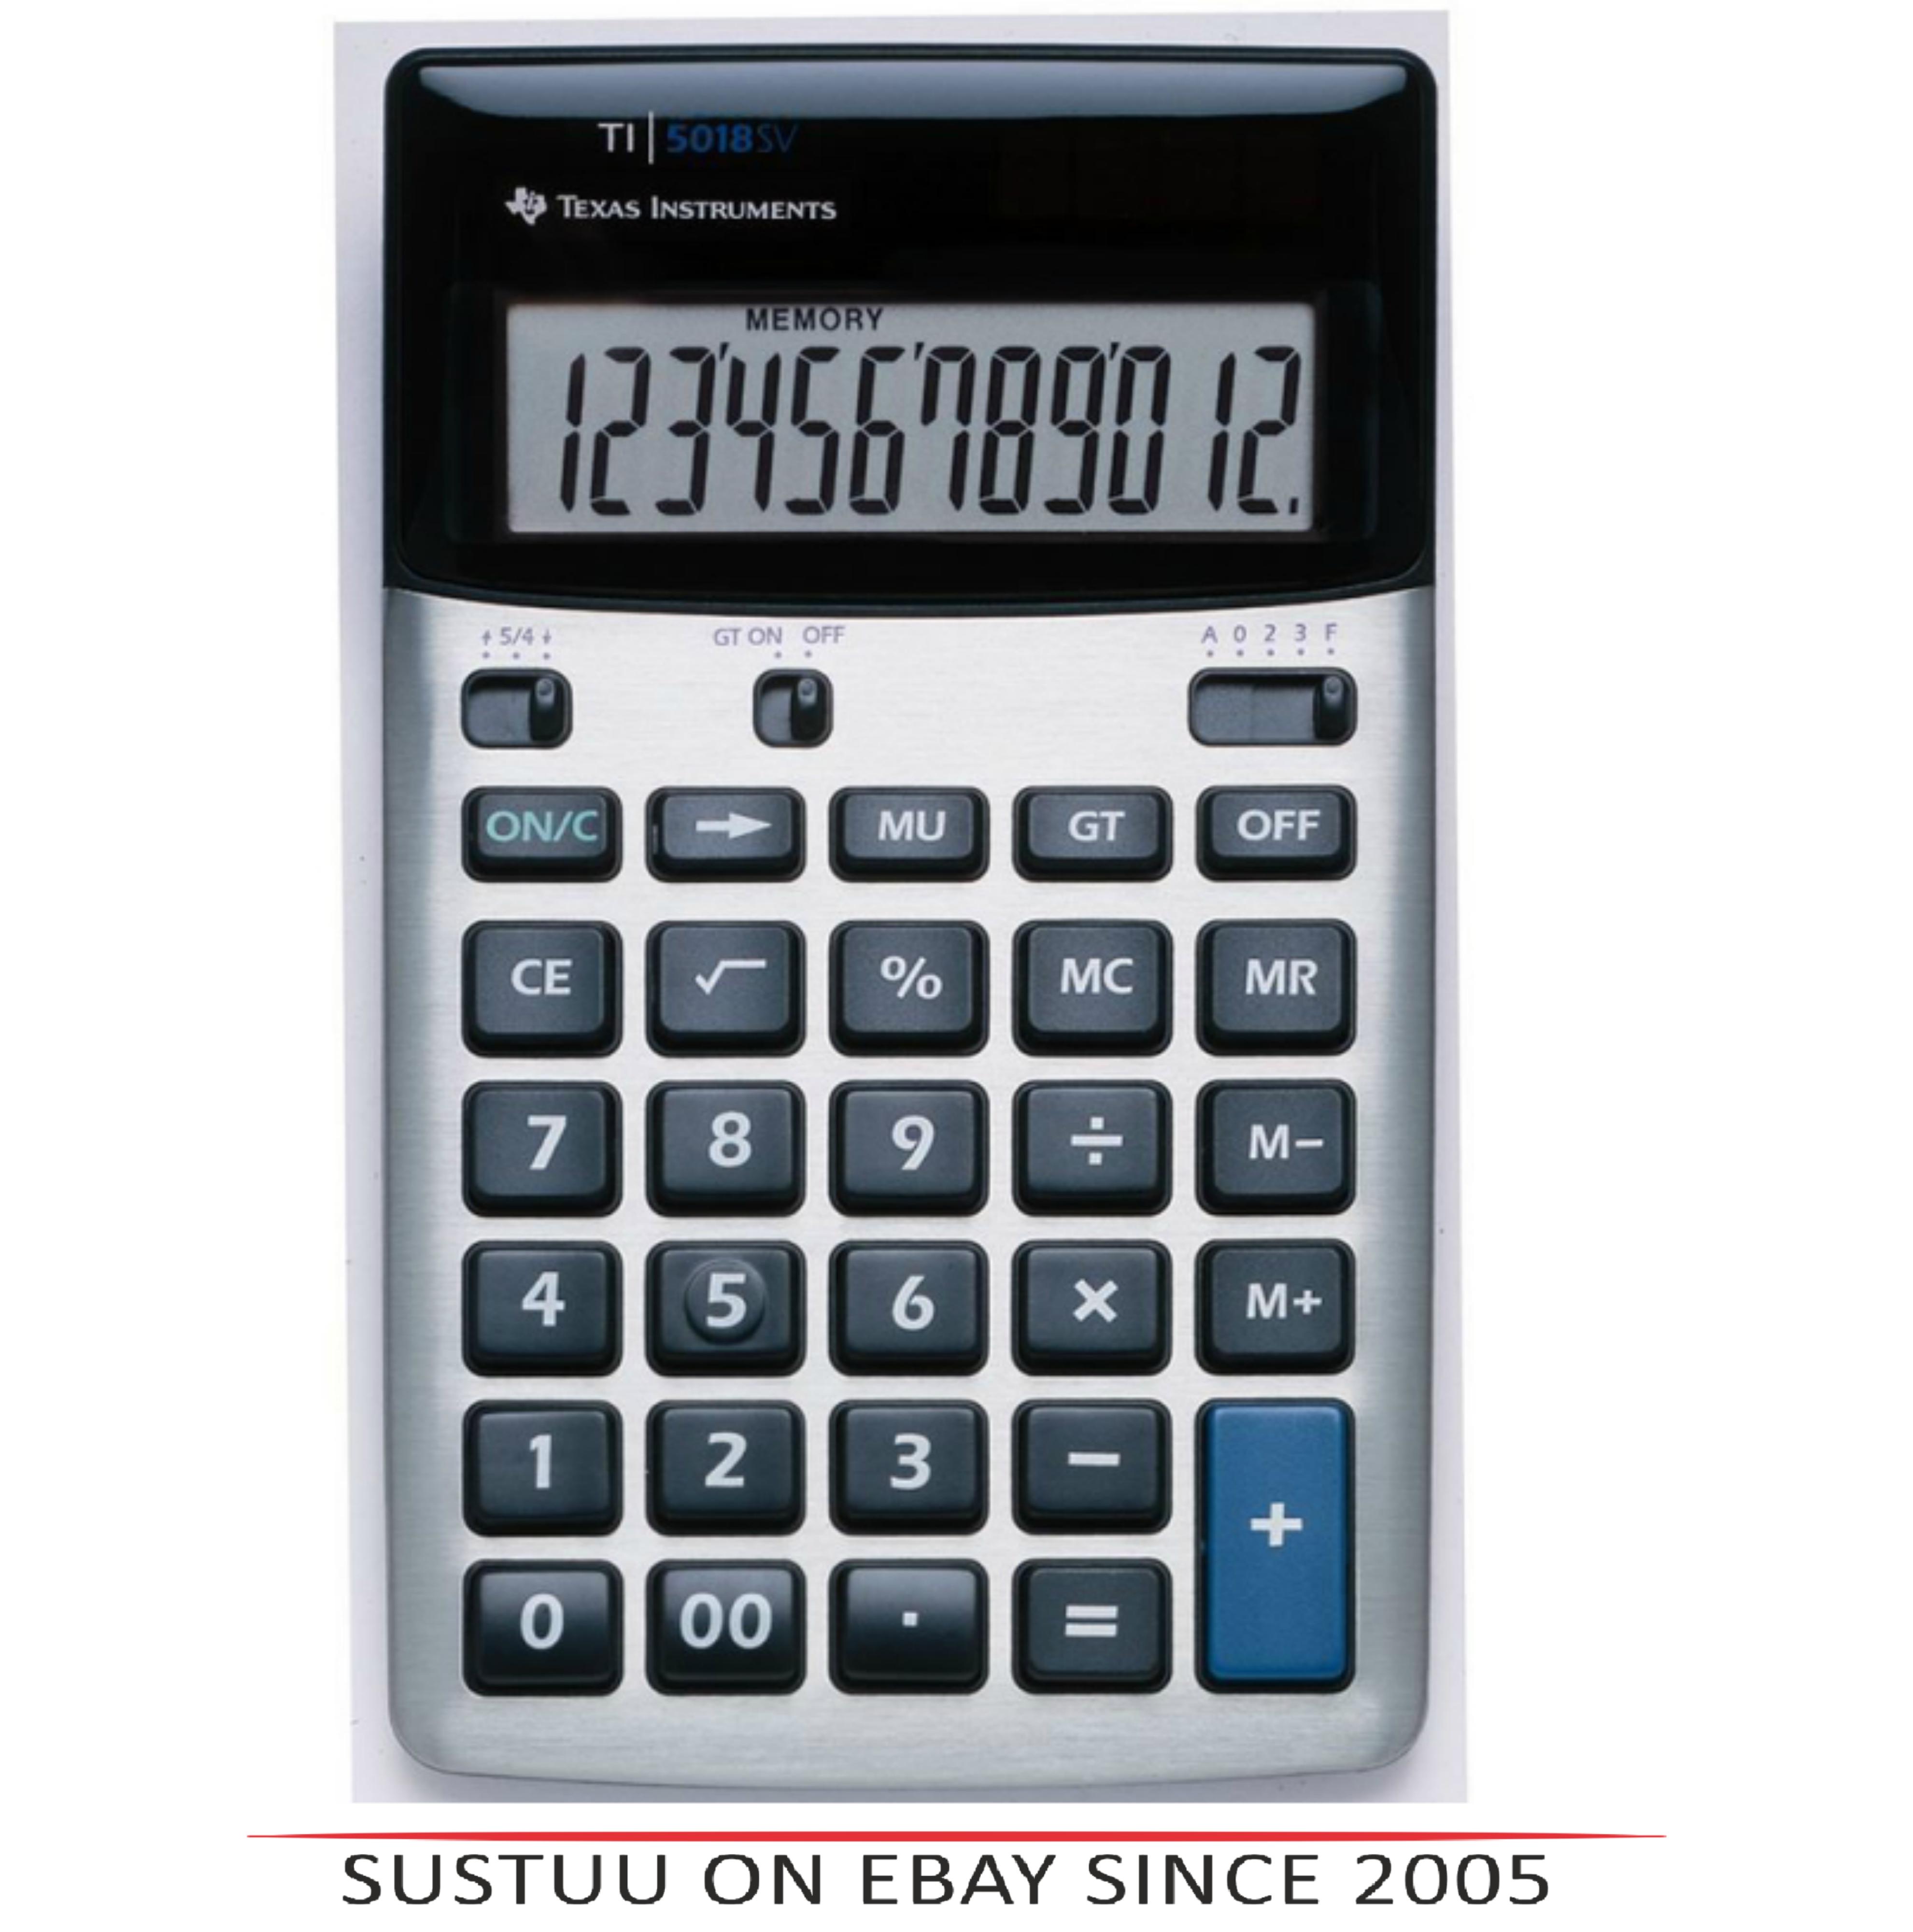 Texas Instruments 518FBL12E1 Desk Calculator|Solar-Battery Powered|12 Digit View